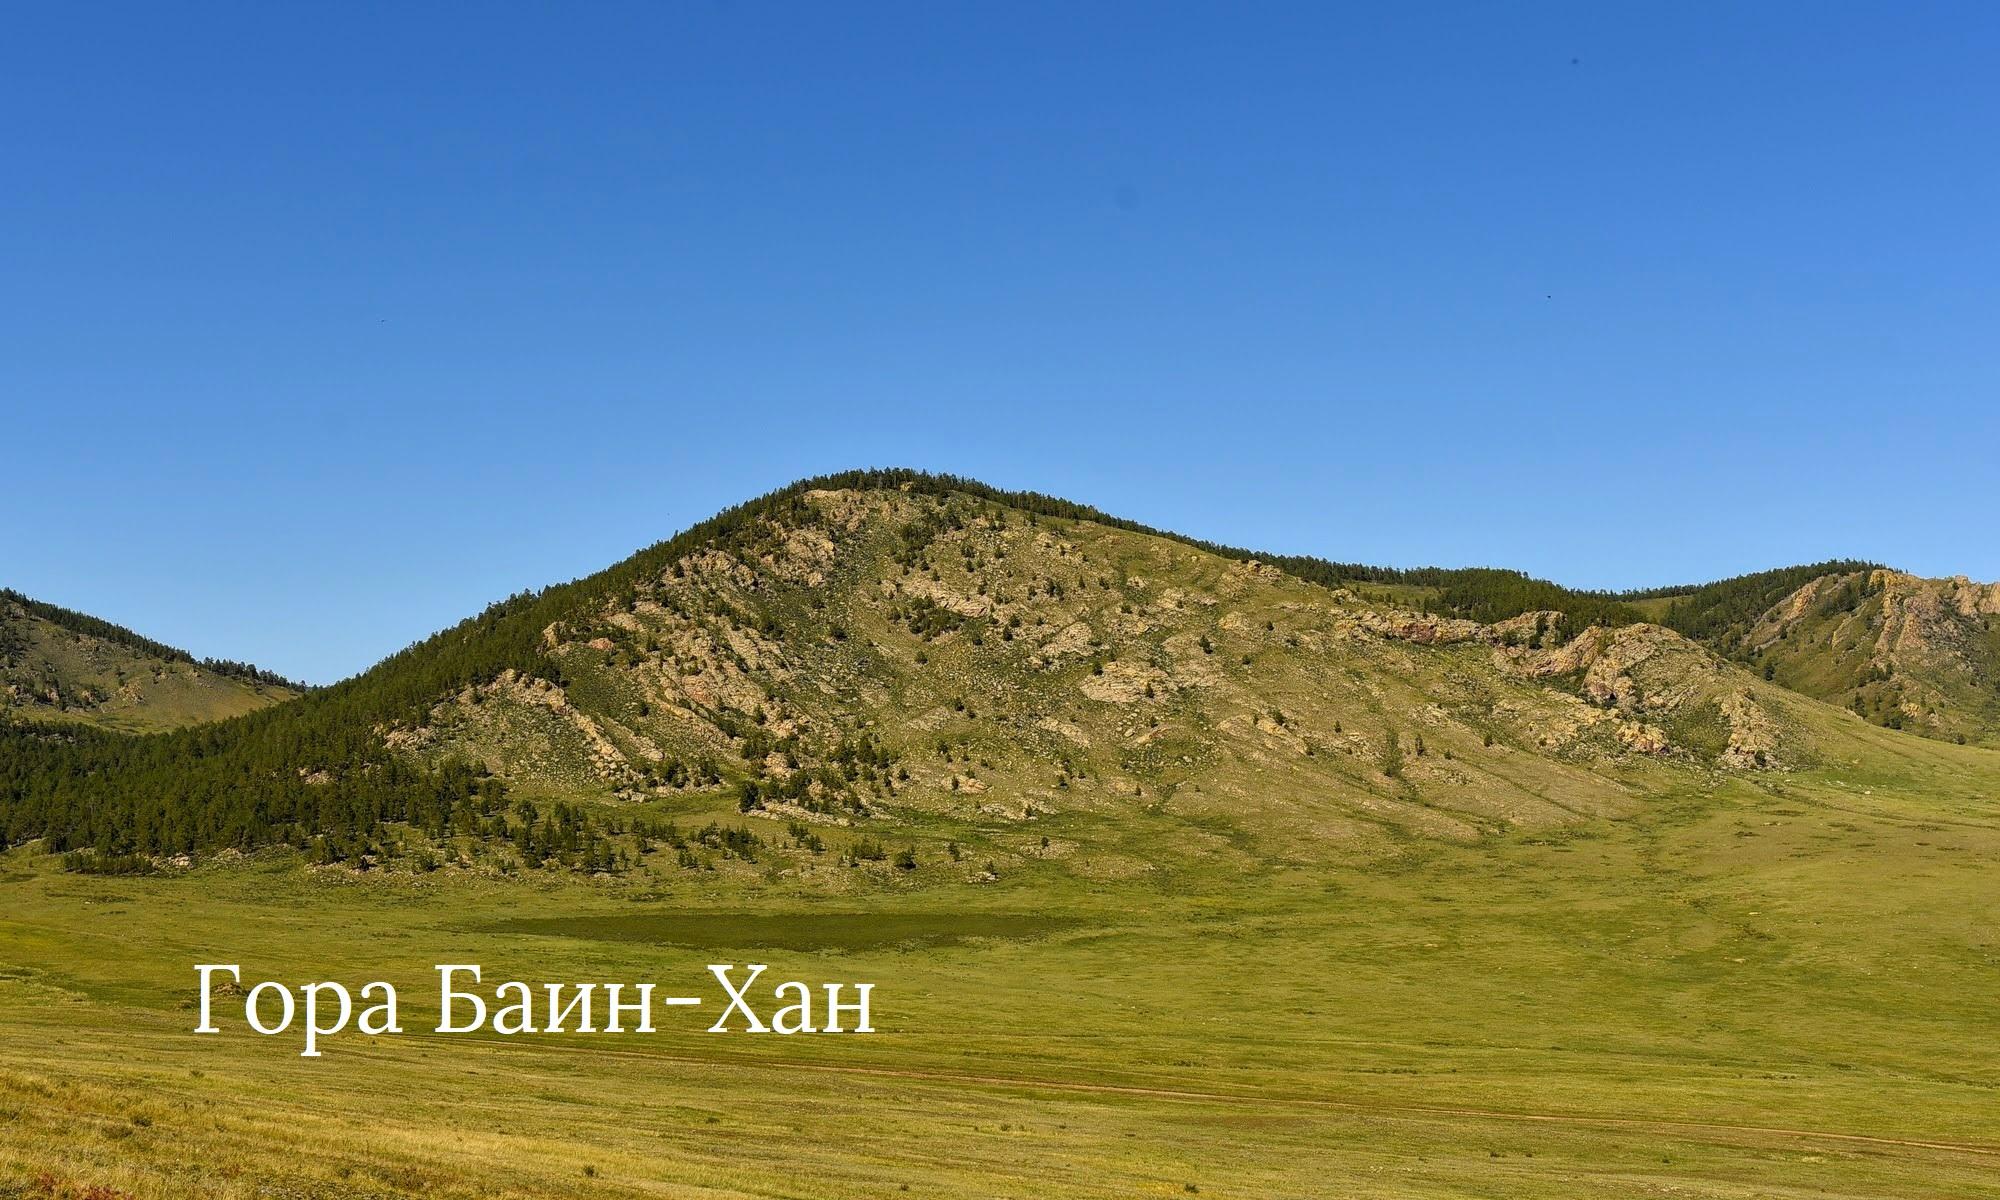 Гора Баин-Хан в Мухоршибирском районе Бурятии